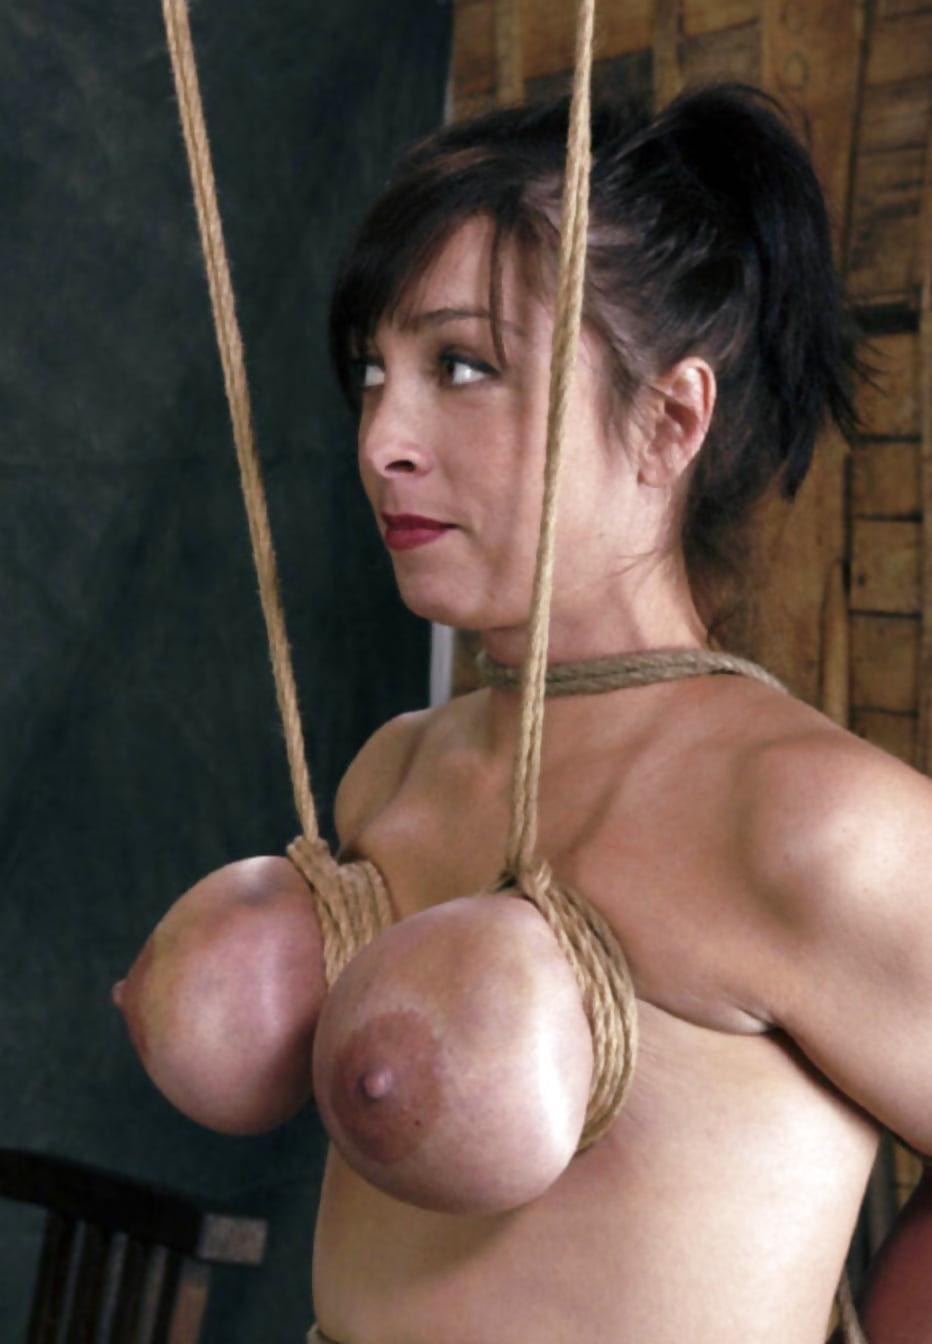 Huge breast bondage